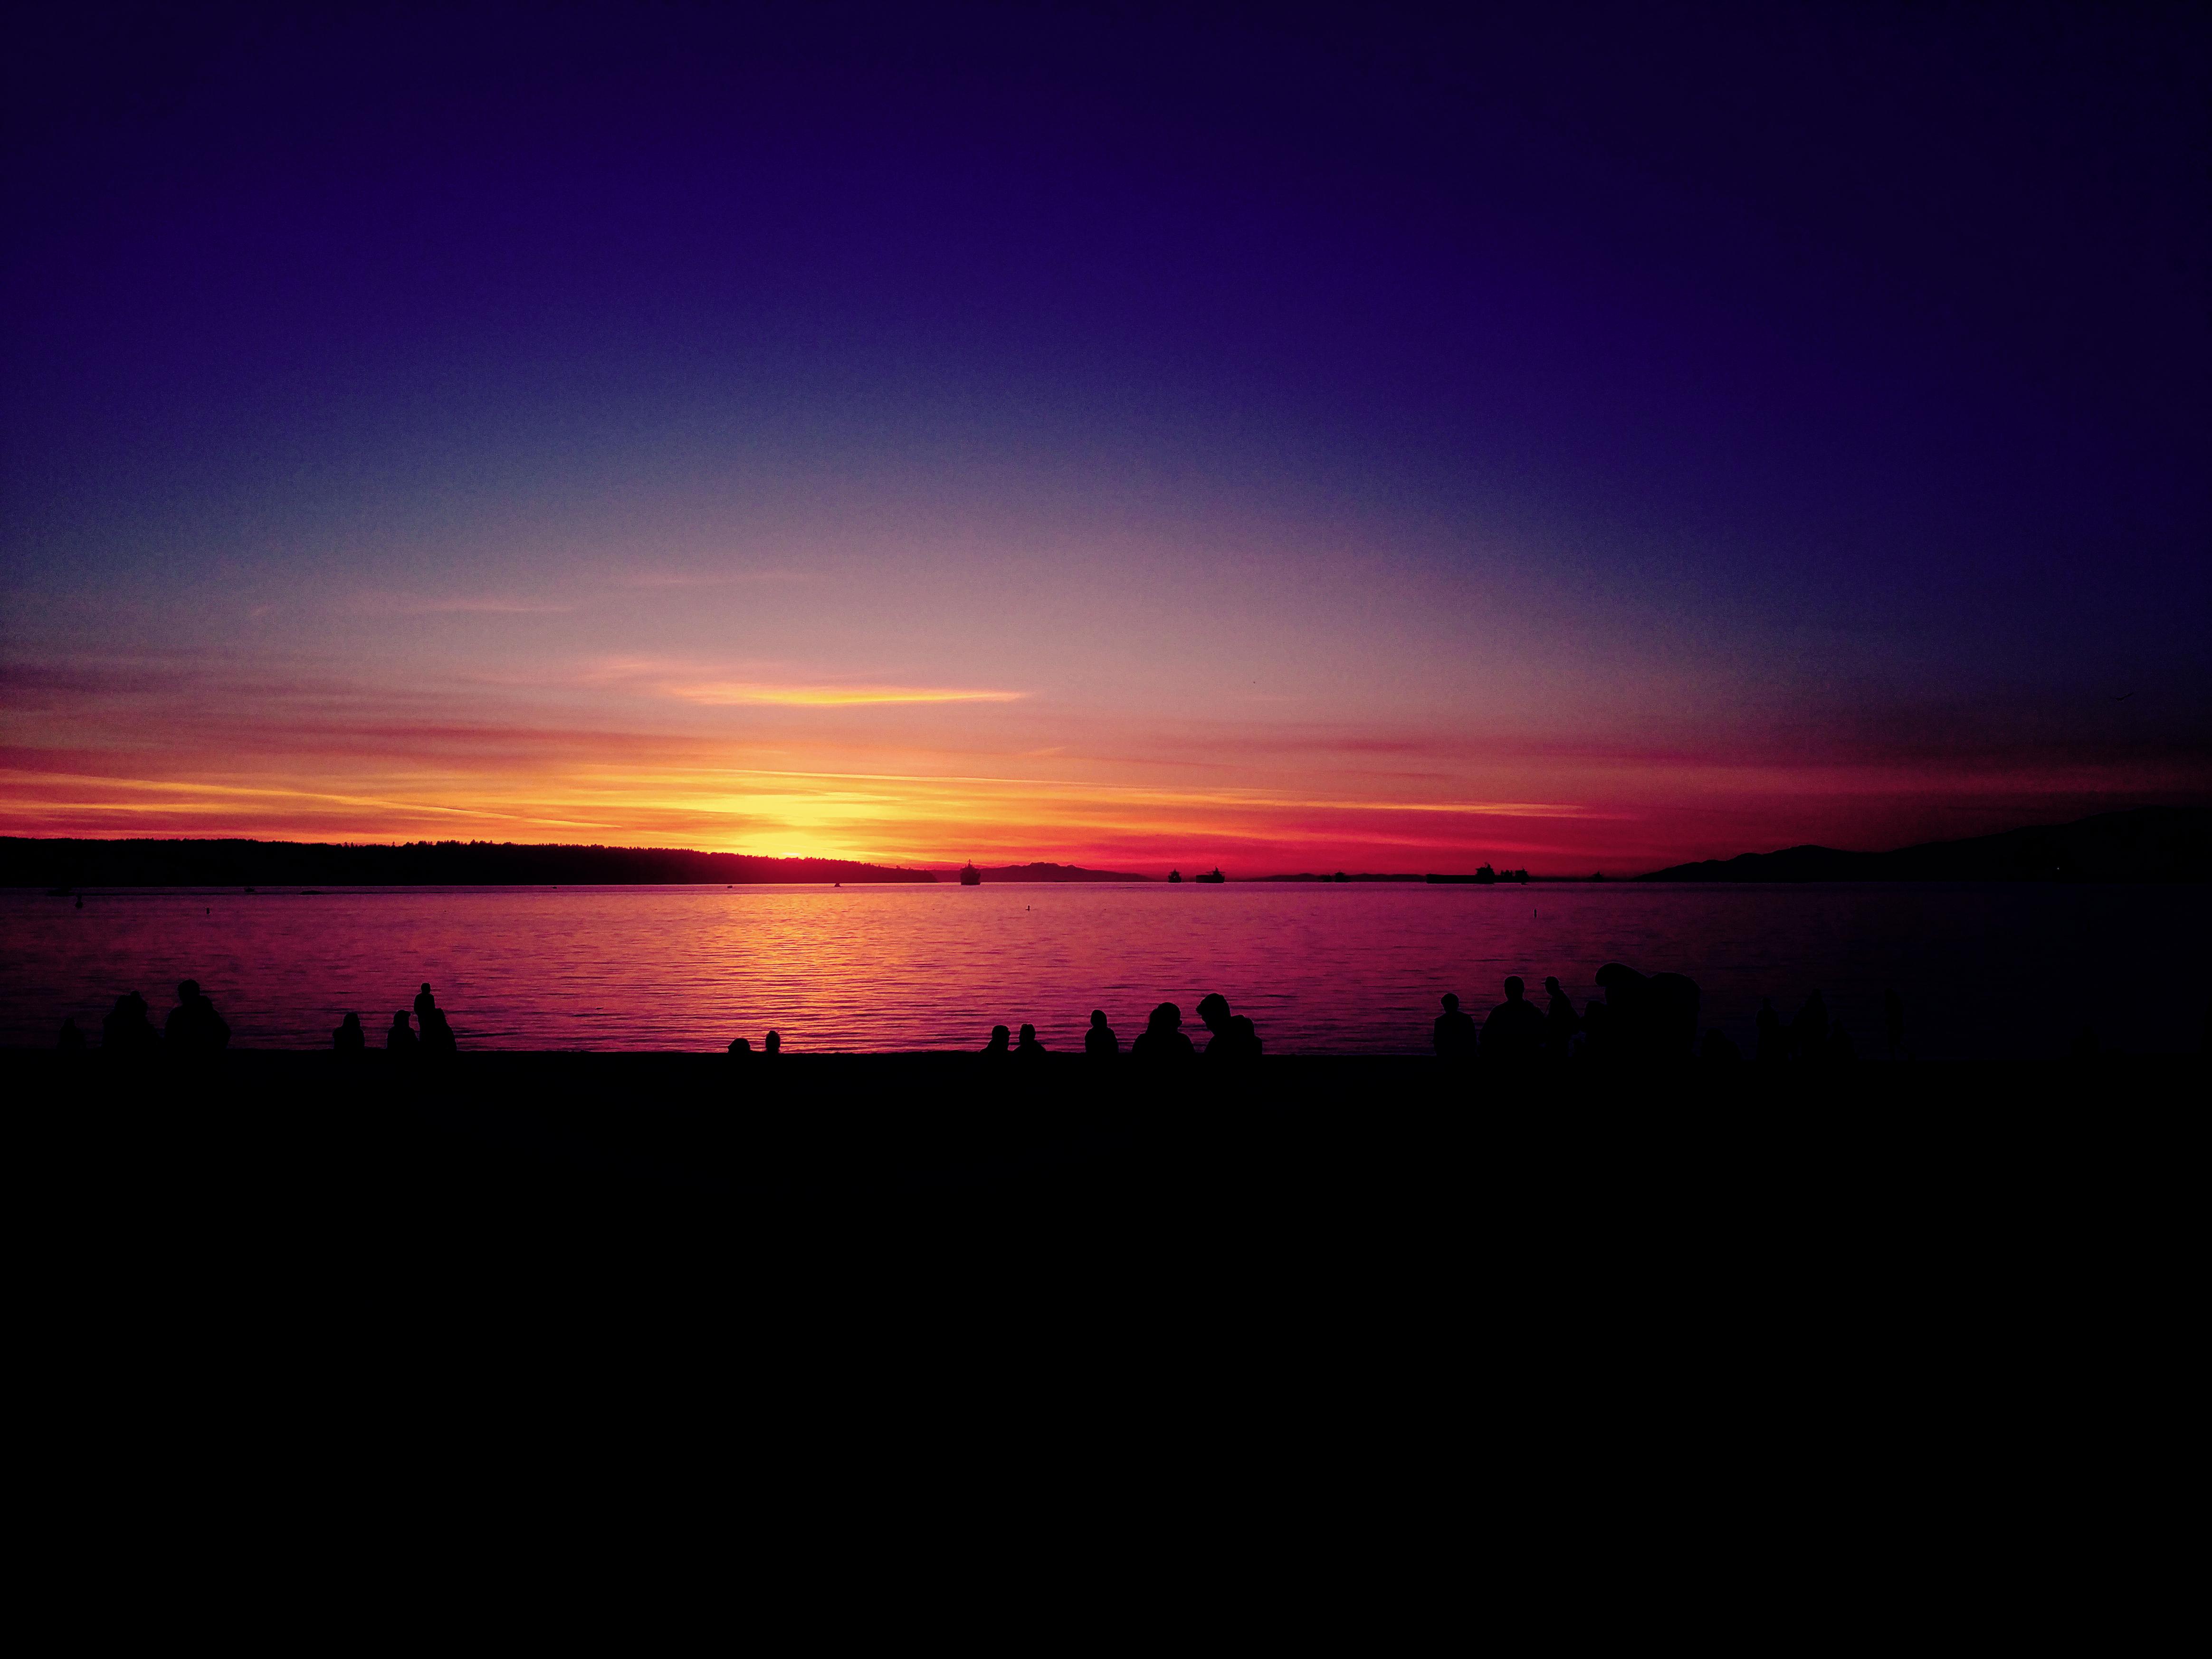 Gambar : lautan, horison, matahari terbenam, perasaan senang